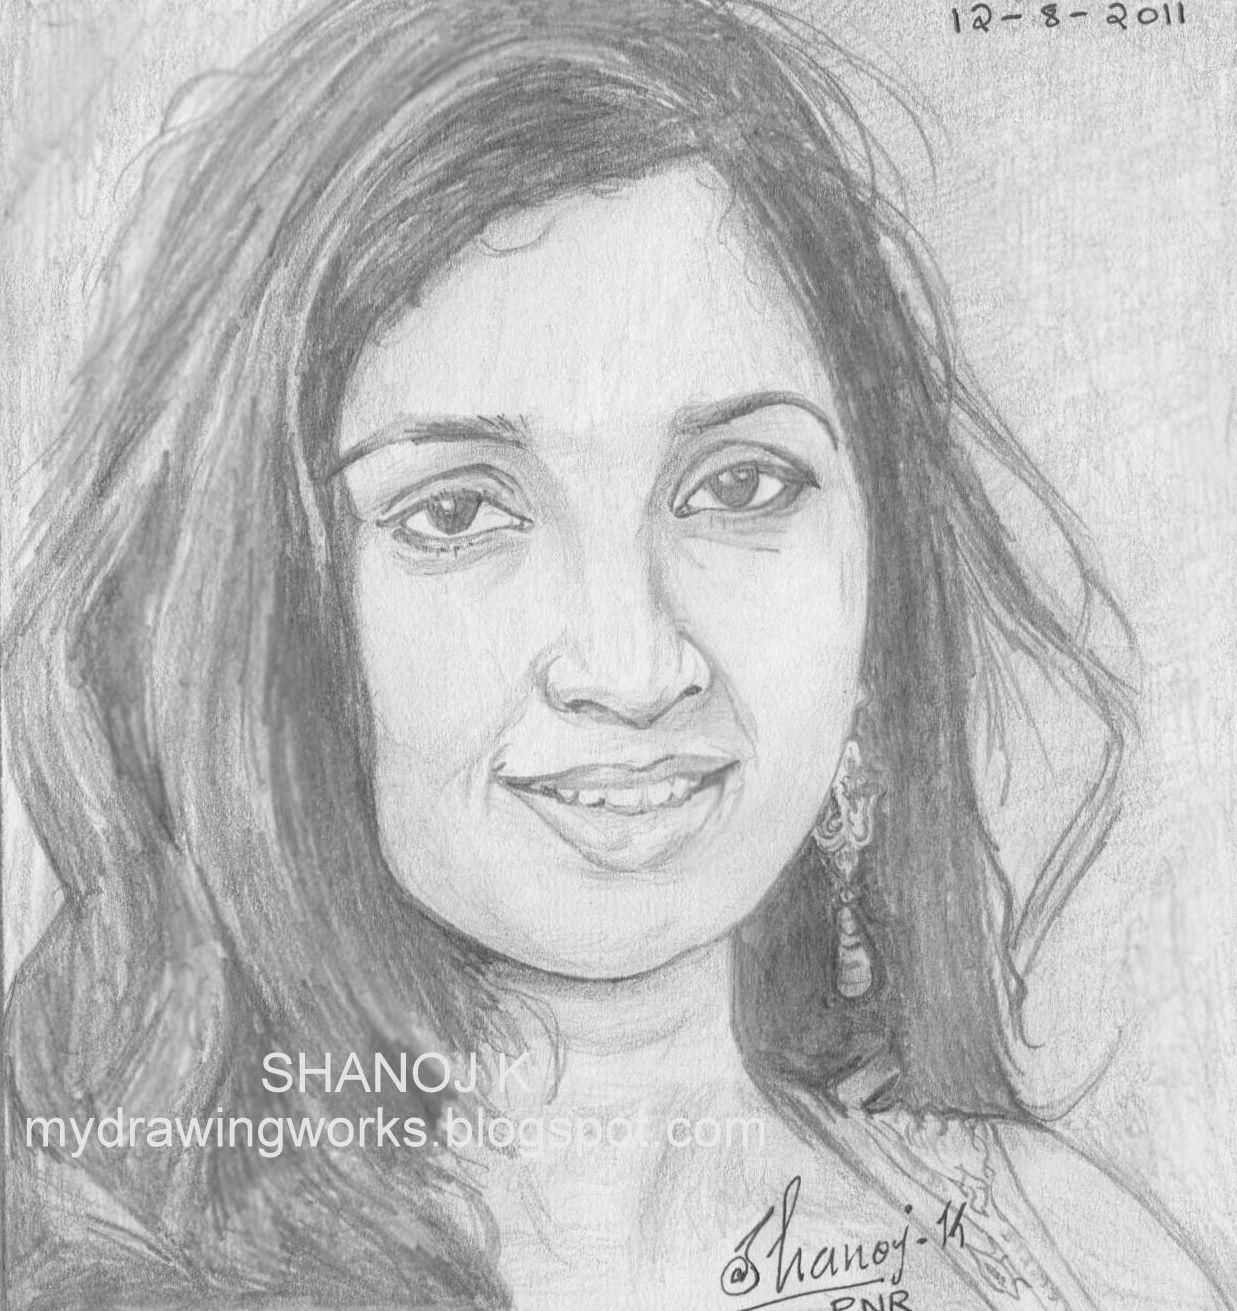 http://4.bp.blogspot.com/-4OklsIQ8pXU/TqfnFUjjWiI/AAAAAAAAAIY/U2smG0ikzw4/s1600/shreya_ghoshal_portrait.jpg